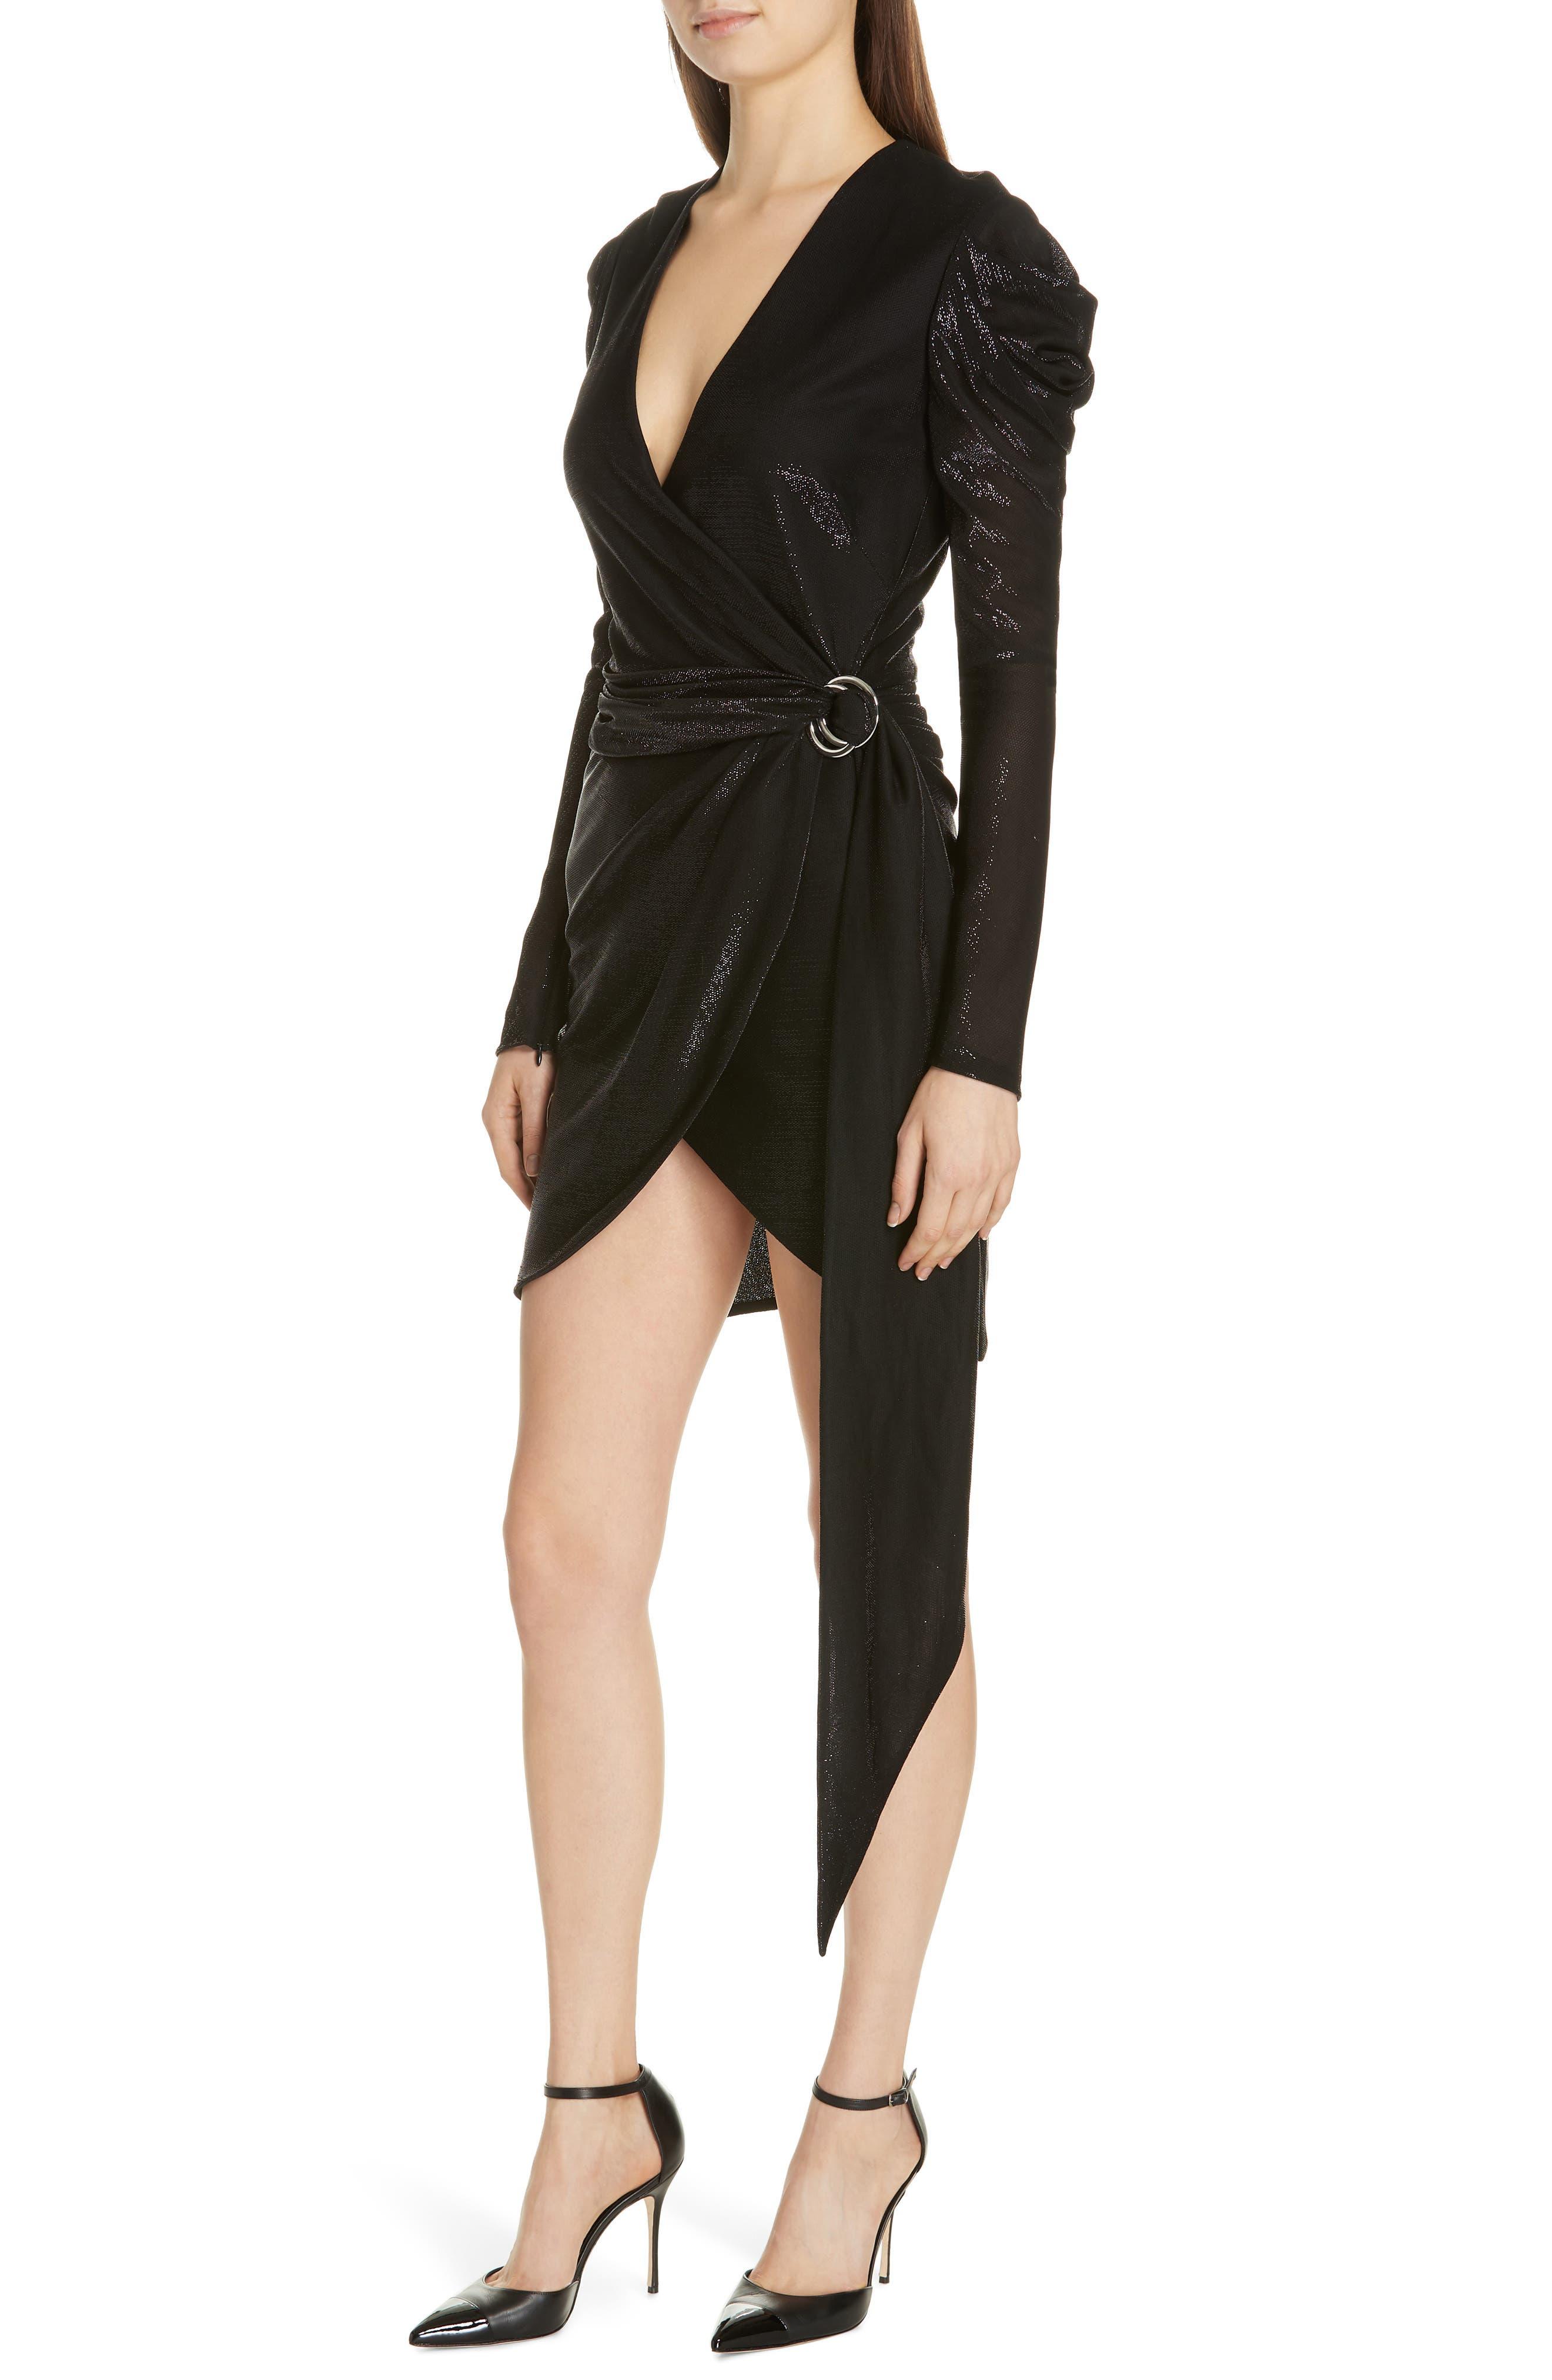 JONATHAN SIMKHAI,                             Metallic Knit Dress,                             Alternate thumbnail 4, color,                             BLACK